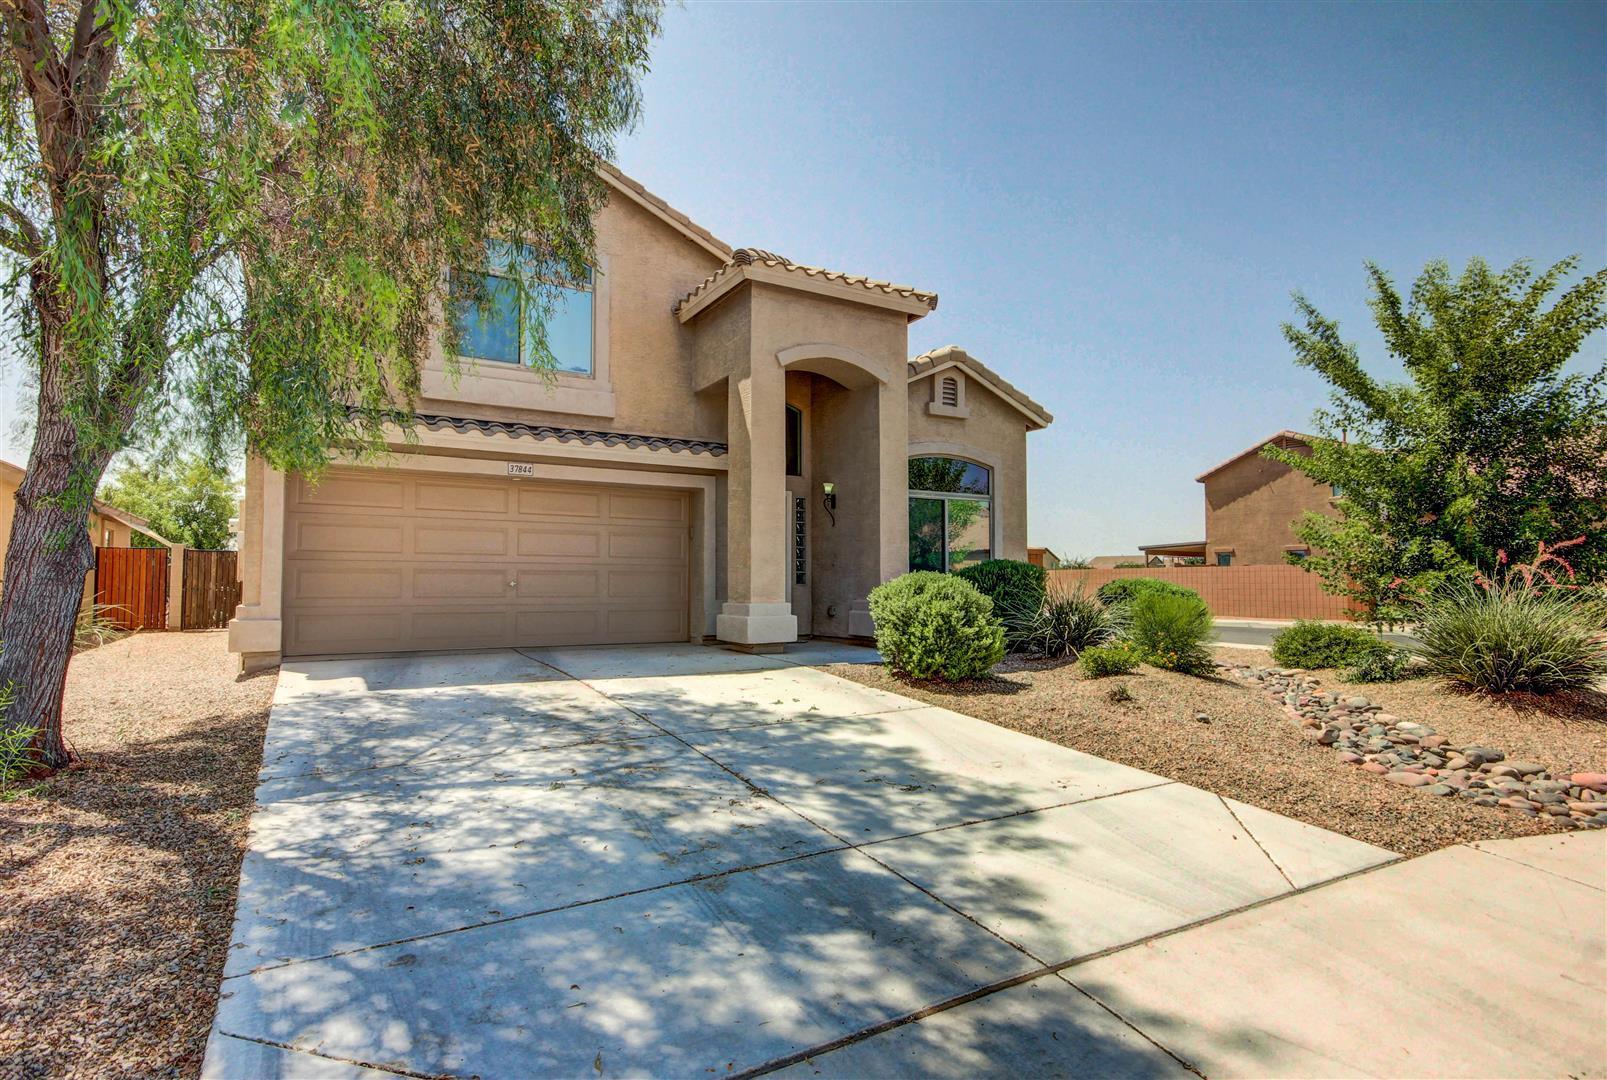 37844 N Kyle St.San Tan Valley, AZ 85140